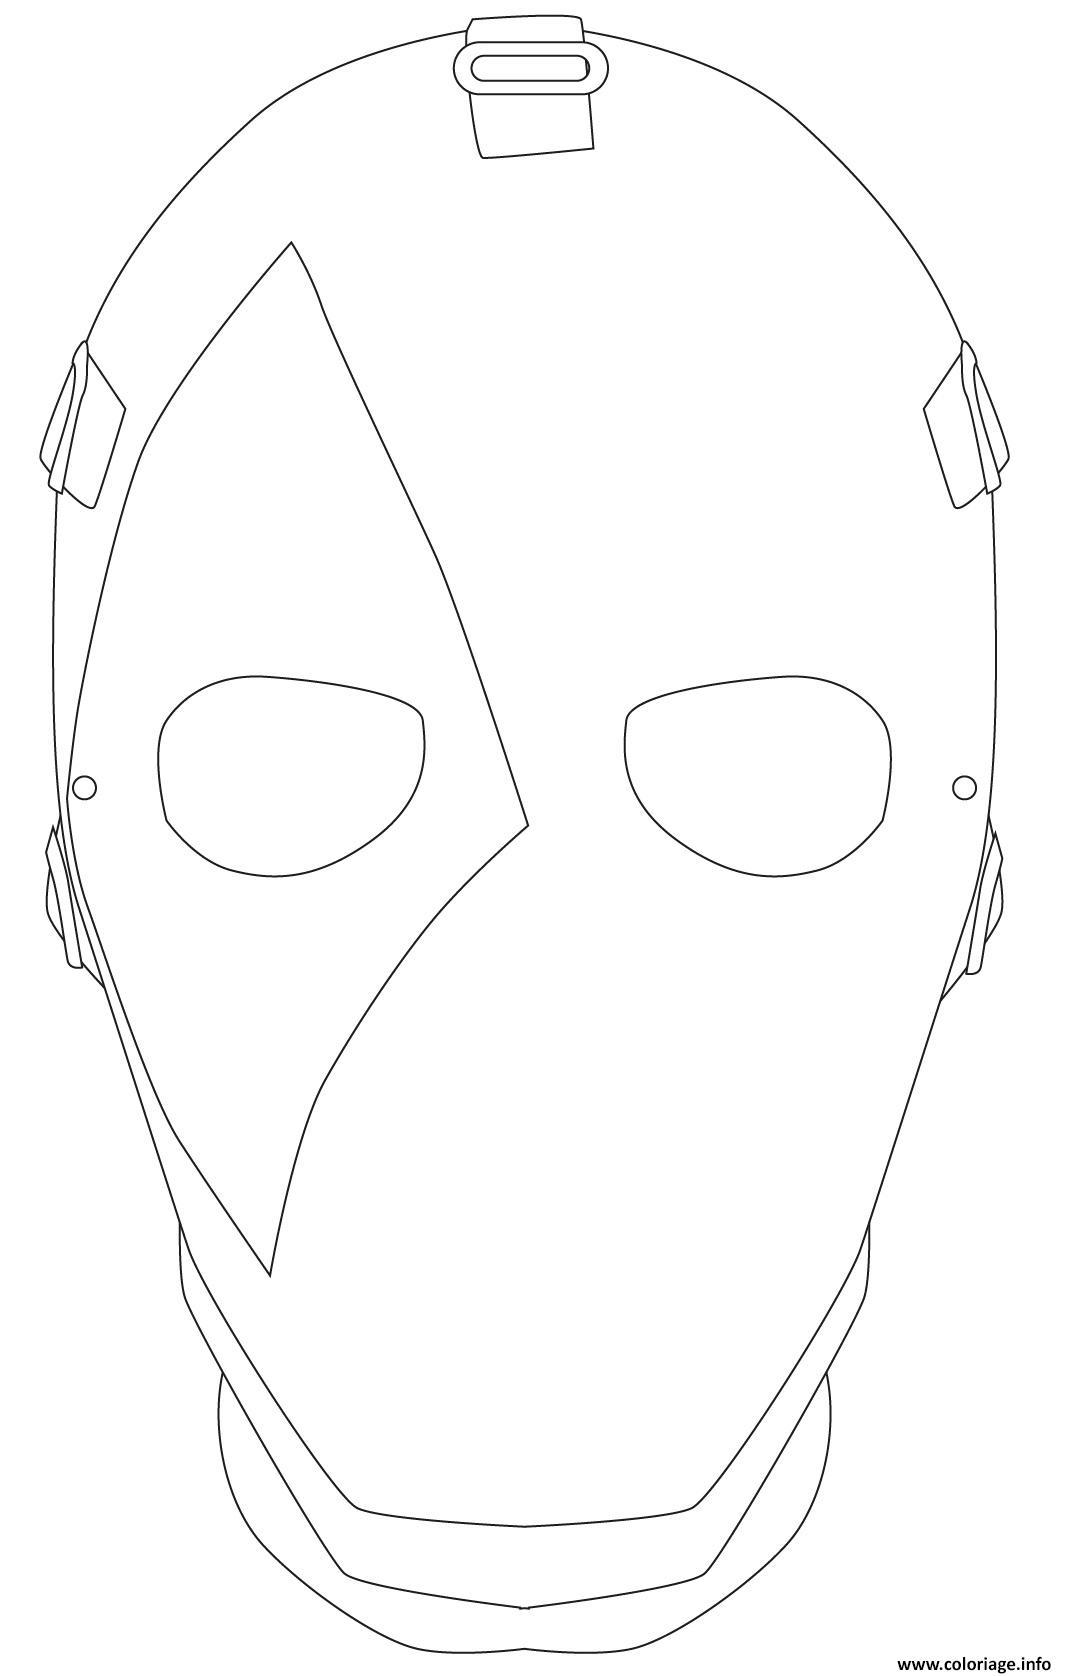 Coloriage Masque Fortnite Joker Carreau Colorier Dessin pour Masque Spiderman A Imprimer